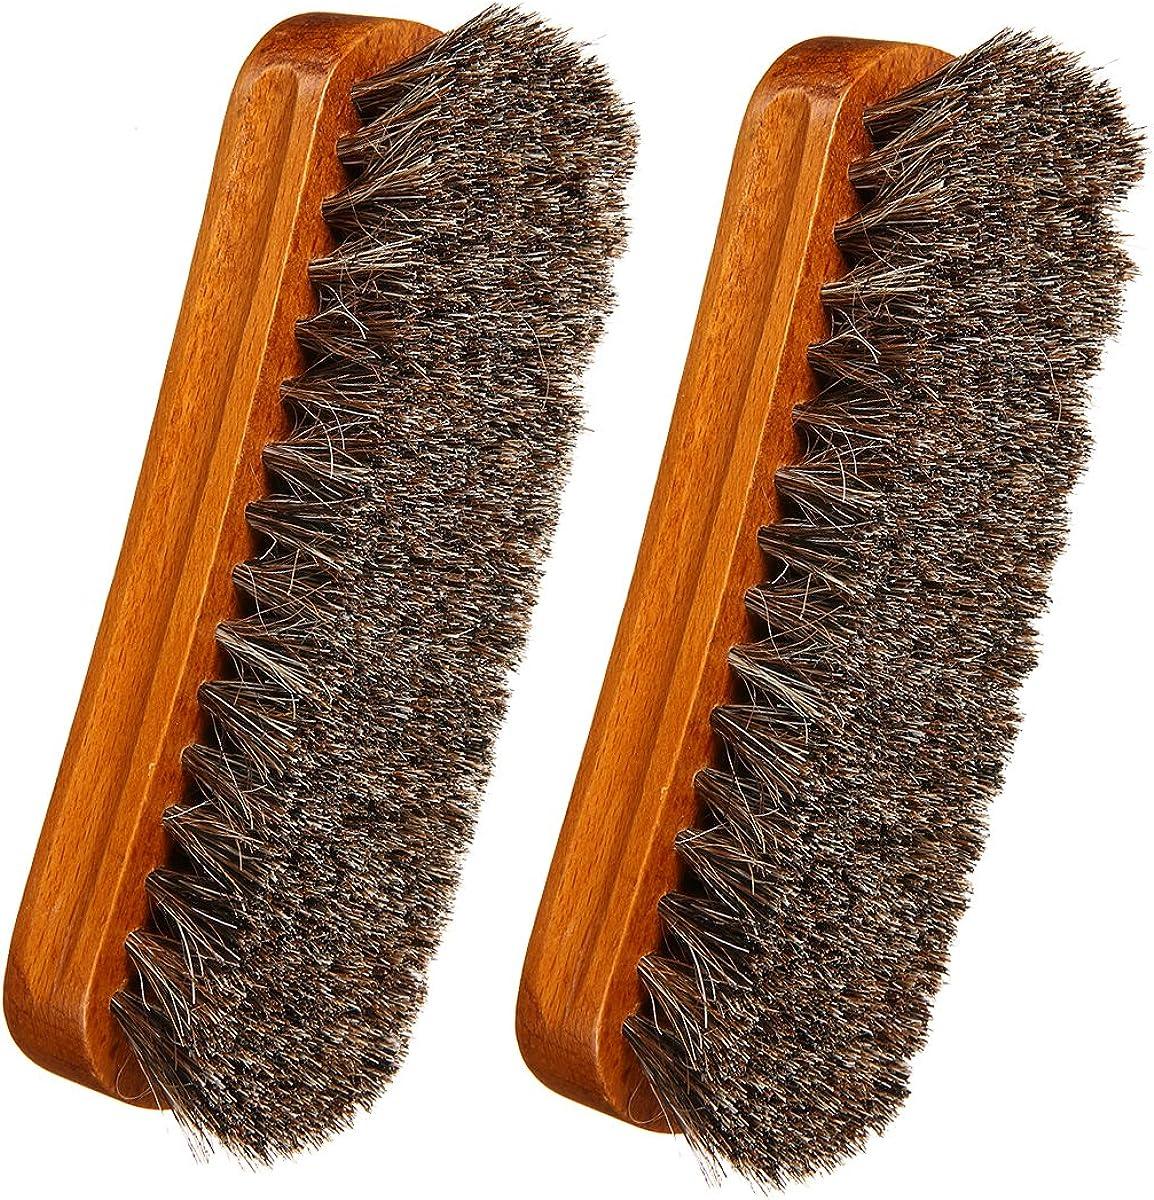 cinturones abrigos Gracosy Cabello de Caballo Zapatos Cepillos Buff /& Polaco piel chaquetas 2 Pcs de Madera de Gran Limpieza Pulido Cepillos de Caballo para Botas Zapatos limpia,brillo sombreros